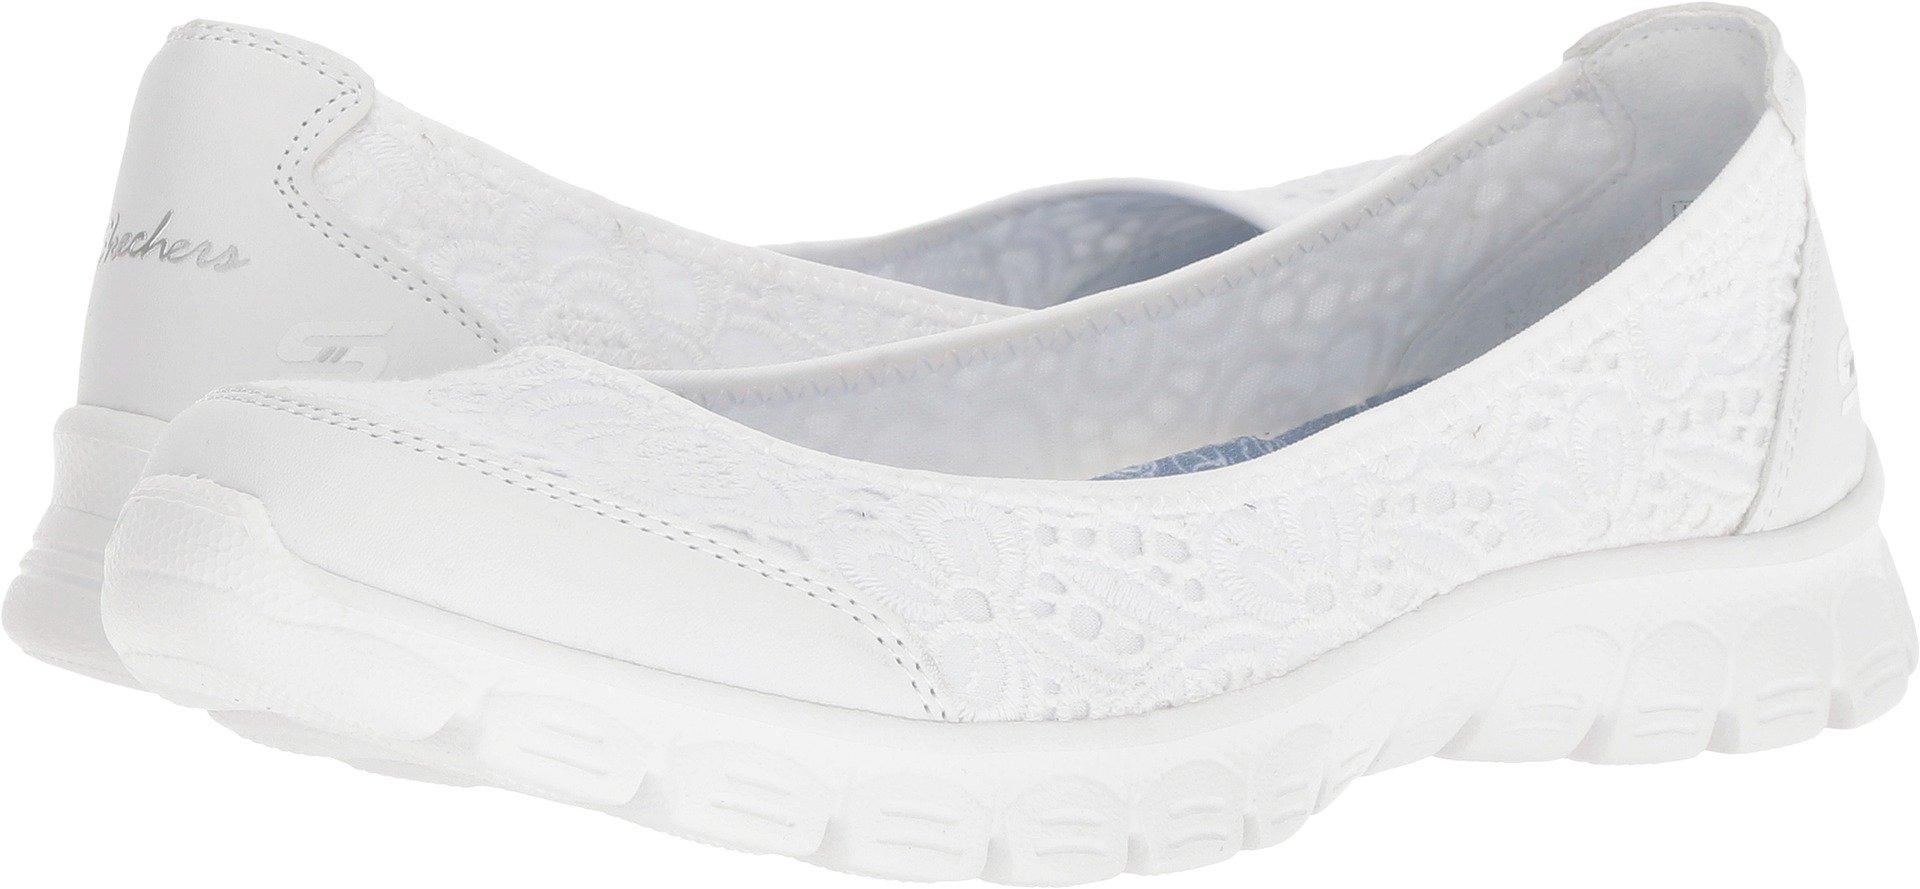 Skechers EZ Flex 3.0 Be You Womens Slip On Skimmer Sneakers White 9